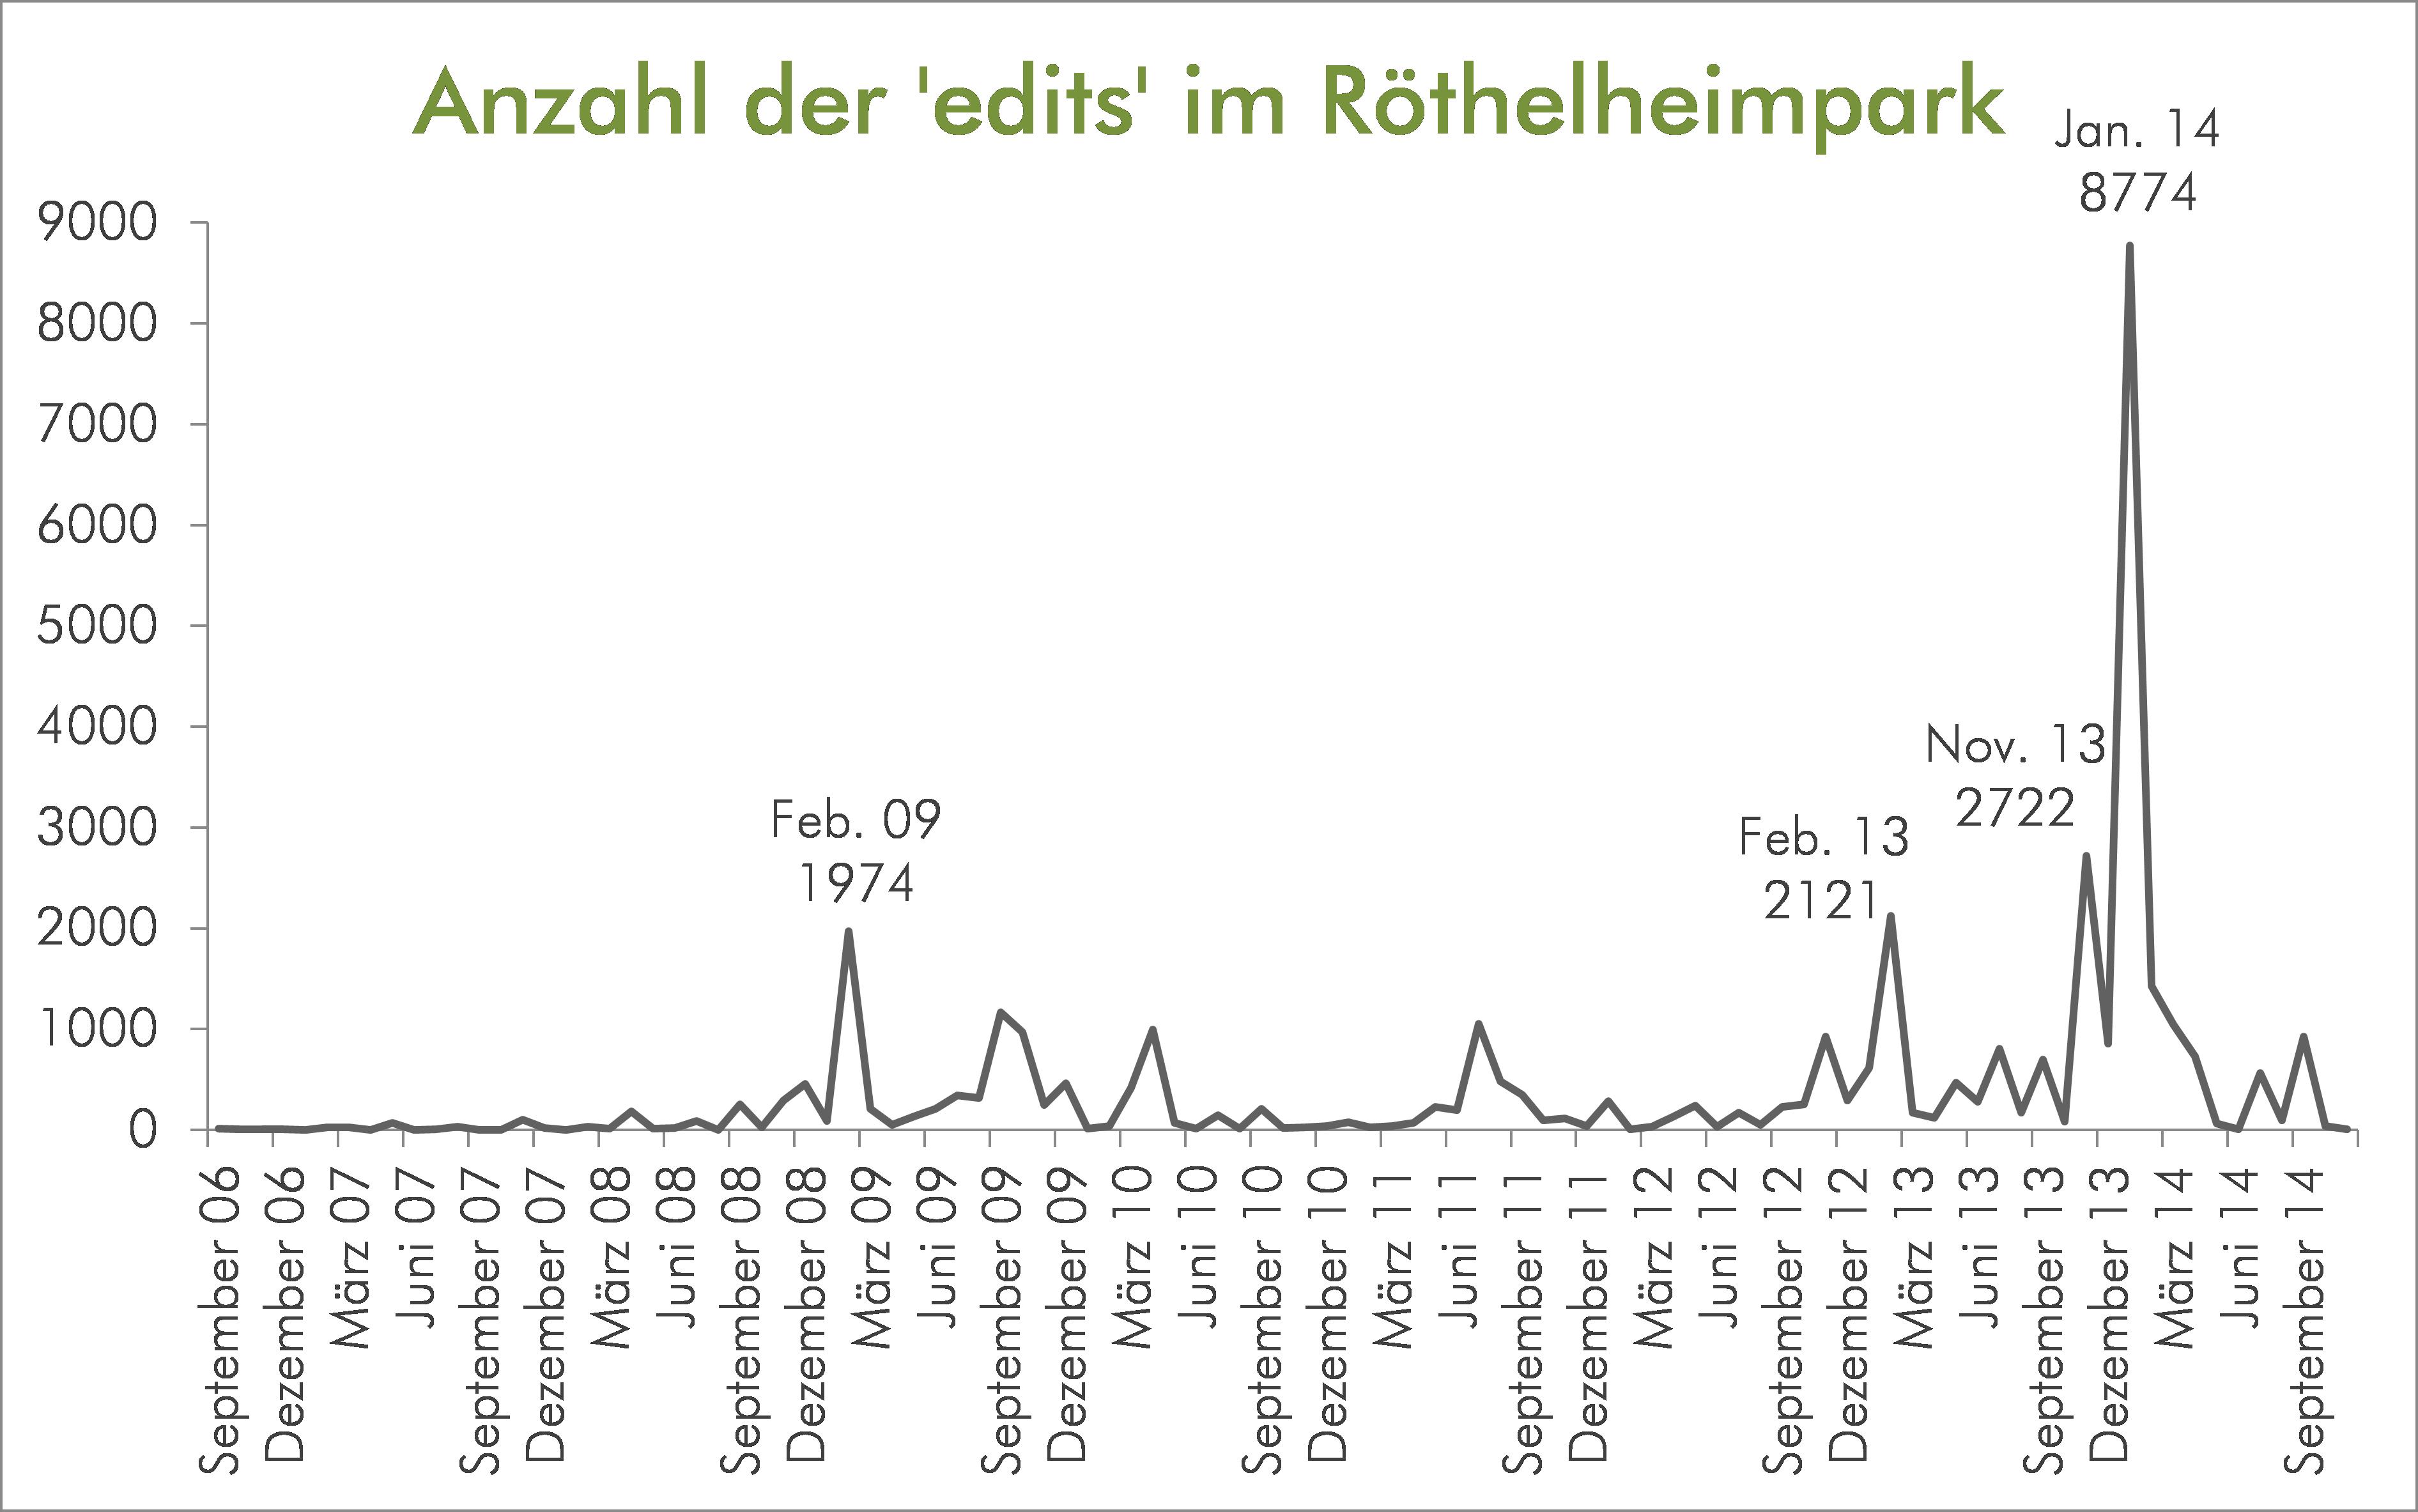 Anzahl der edits im Röthelheimpark